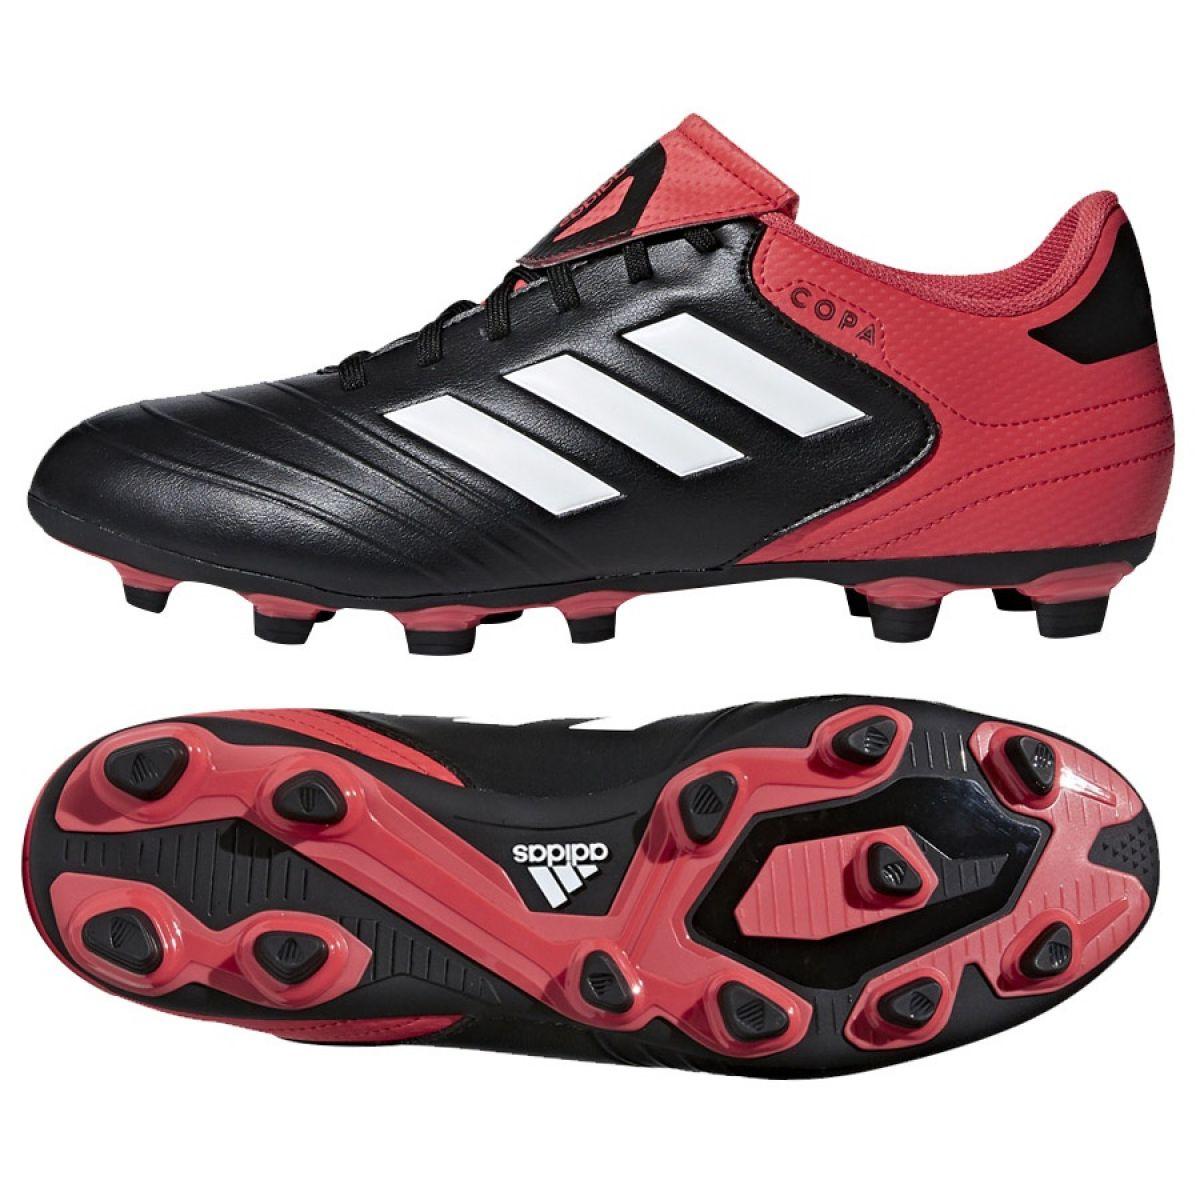 newest 2aa56 7cd75 Buty piłkarskie adidas Copa 18.4 FxG M CP8 46 23 - 7199112124 - oficjalne  archiwum allegro